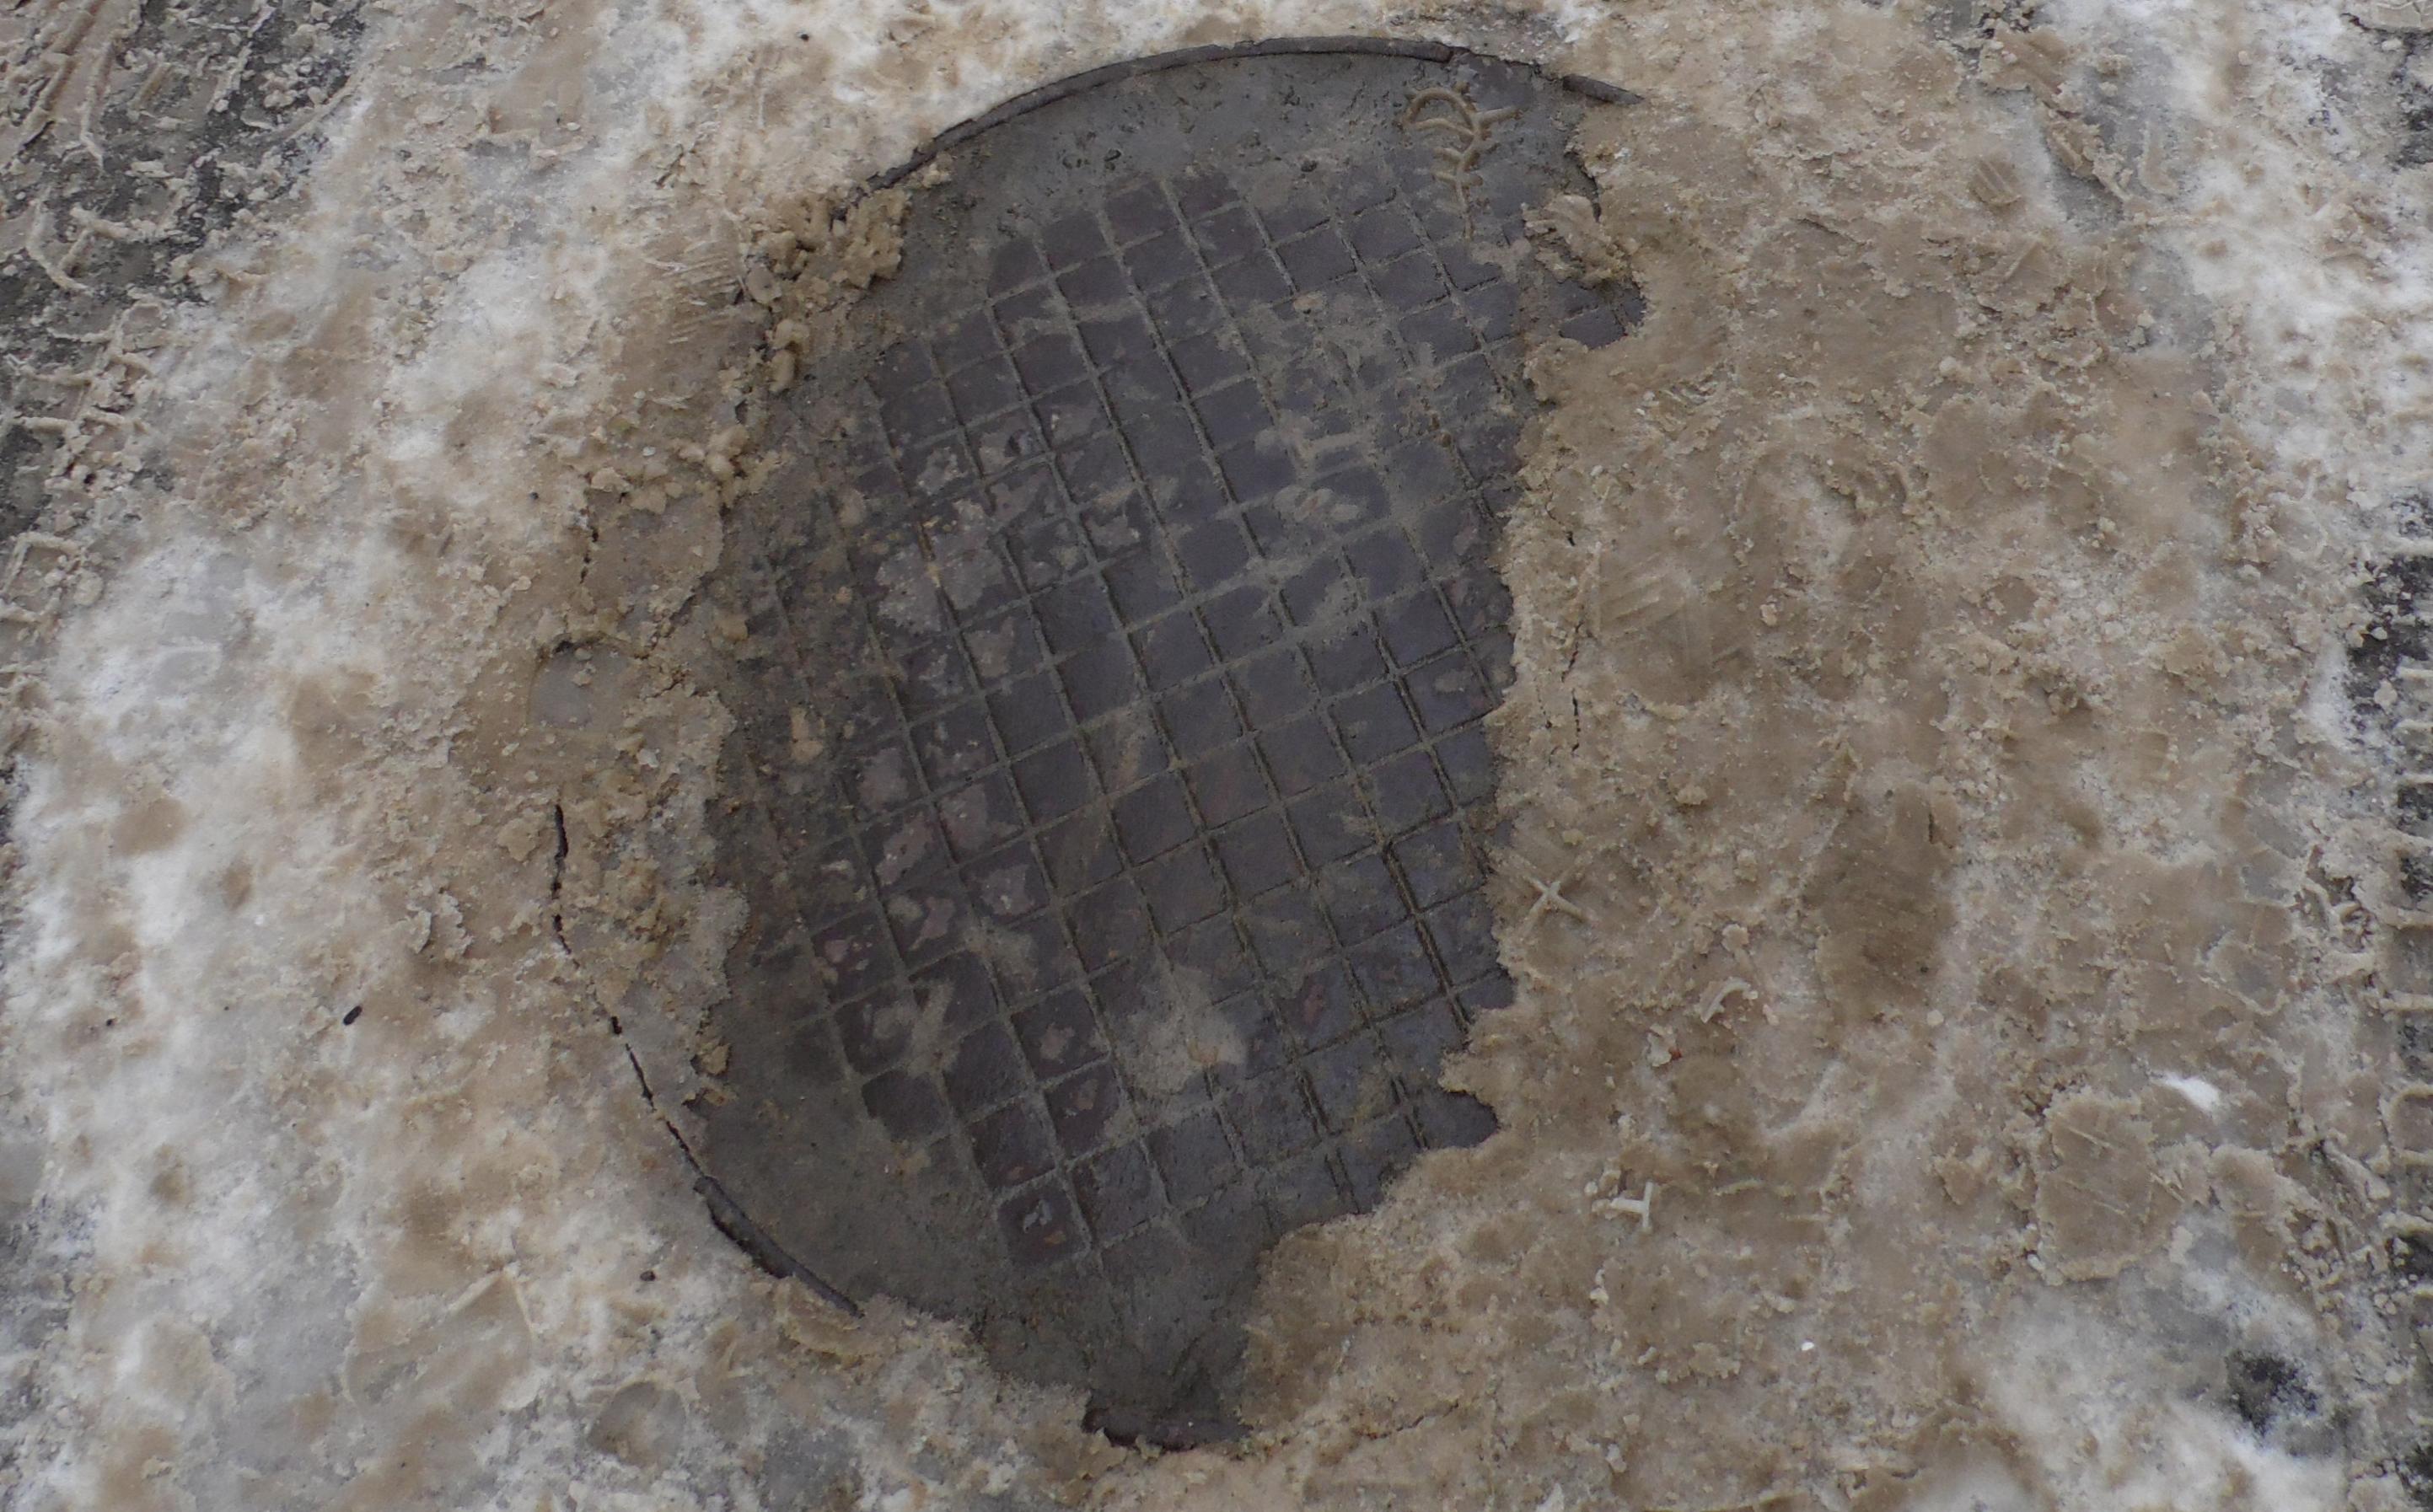 В замене ливневой канализации Петрозаводск нуждается с середины прошлого века. И за это тоже отвечает Ширшина? Фото: Алексей Владимиров